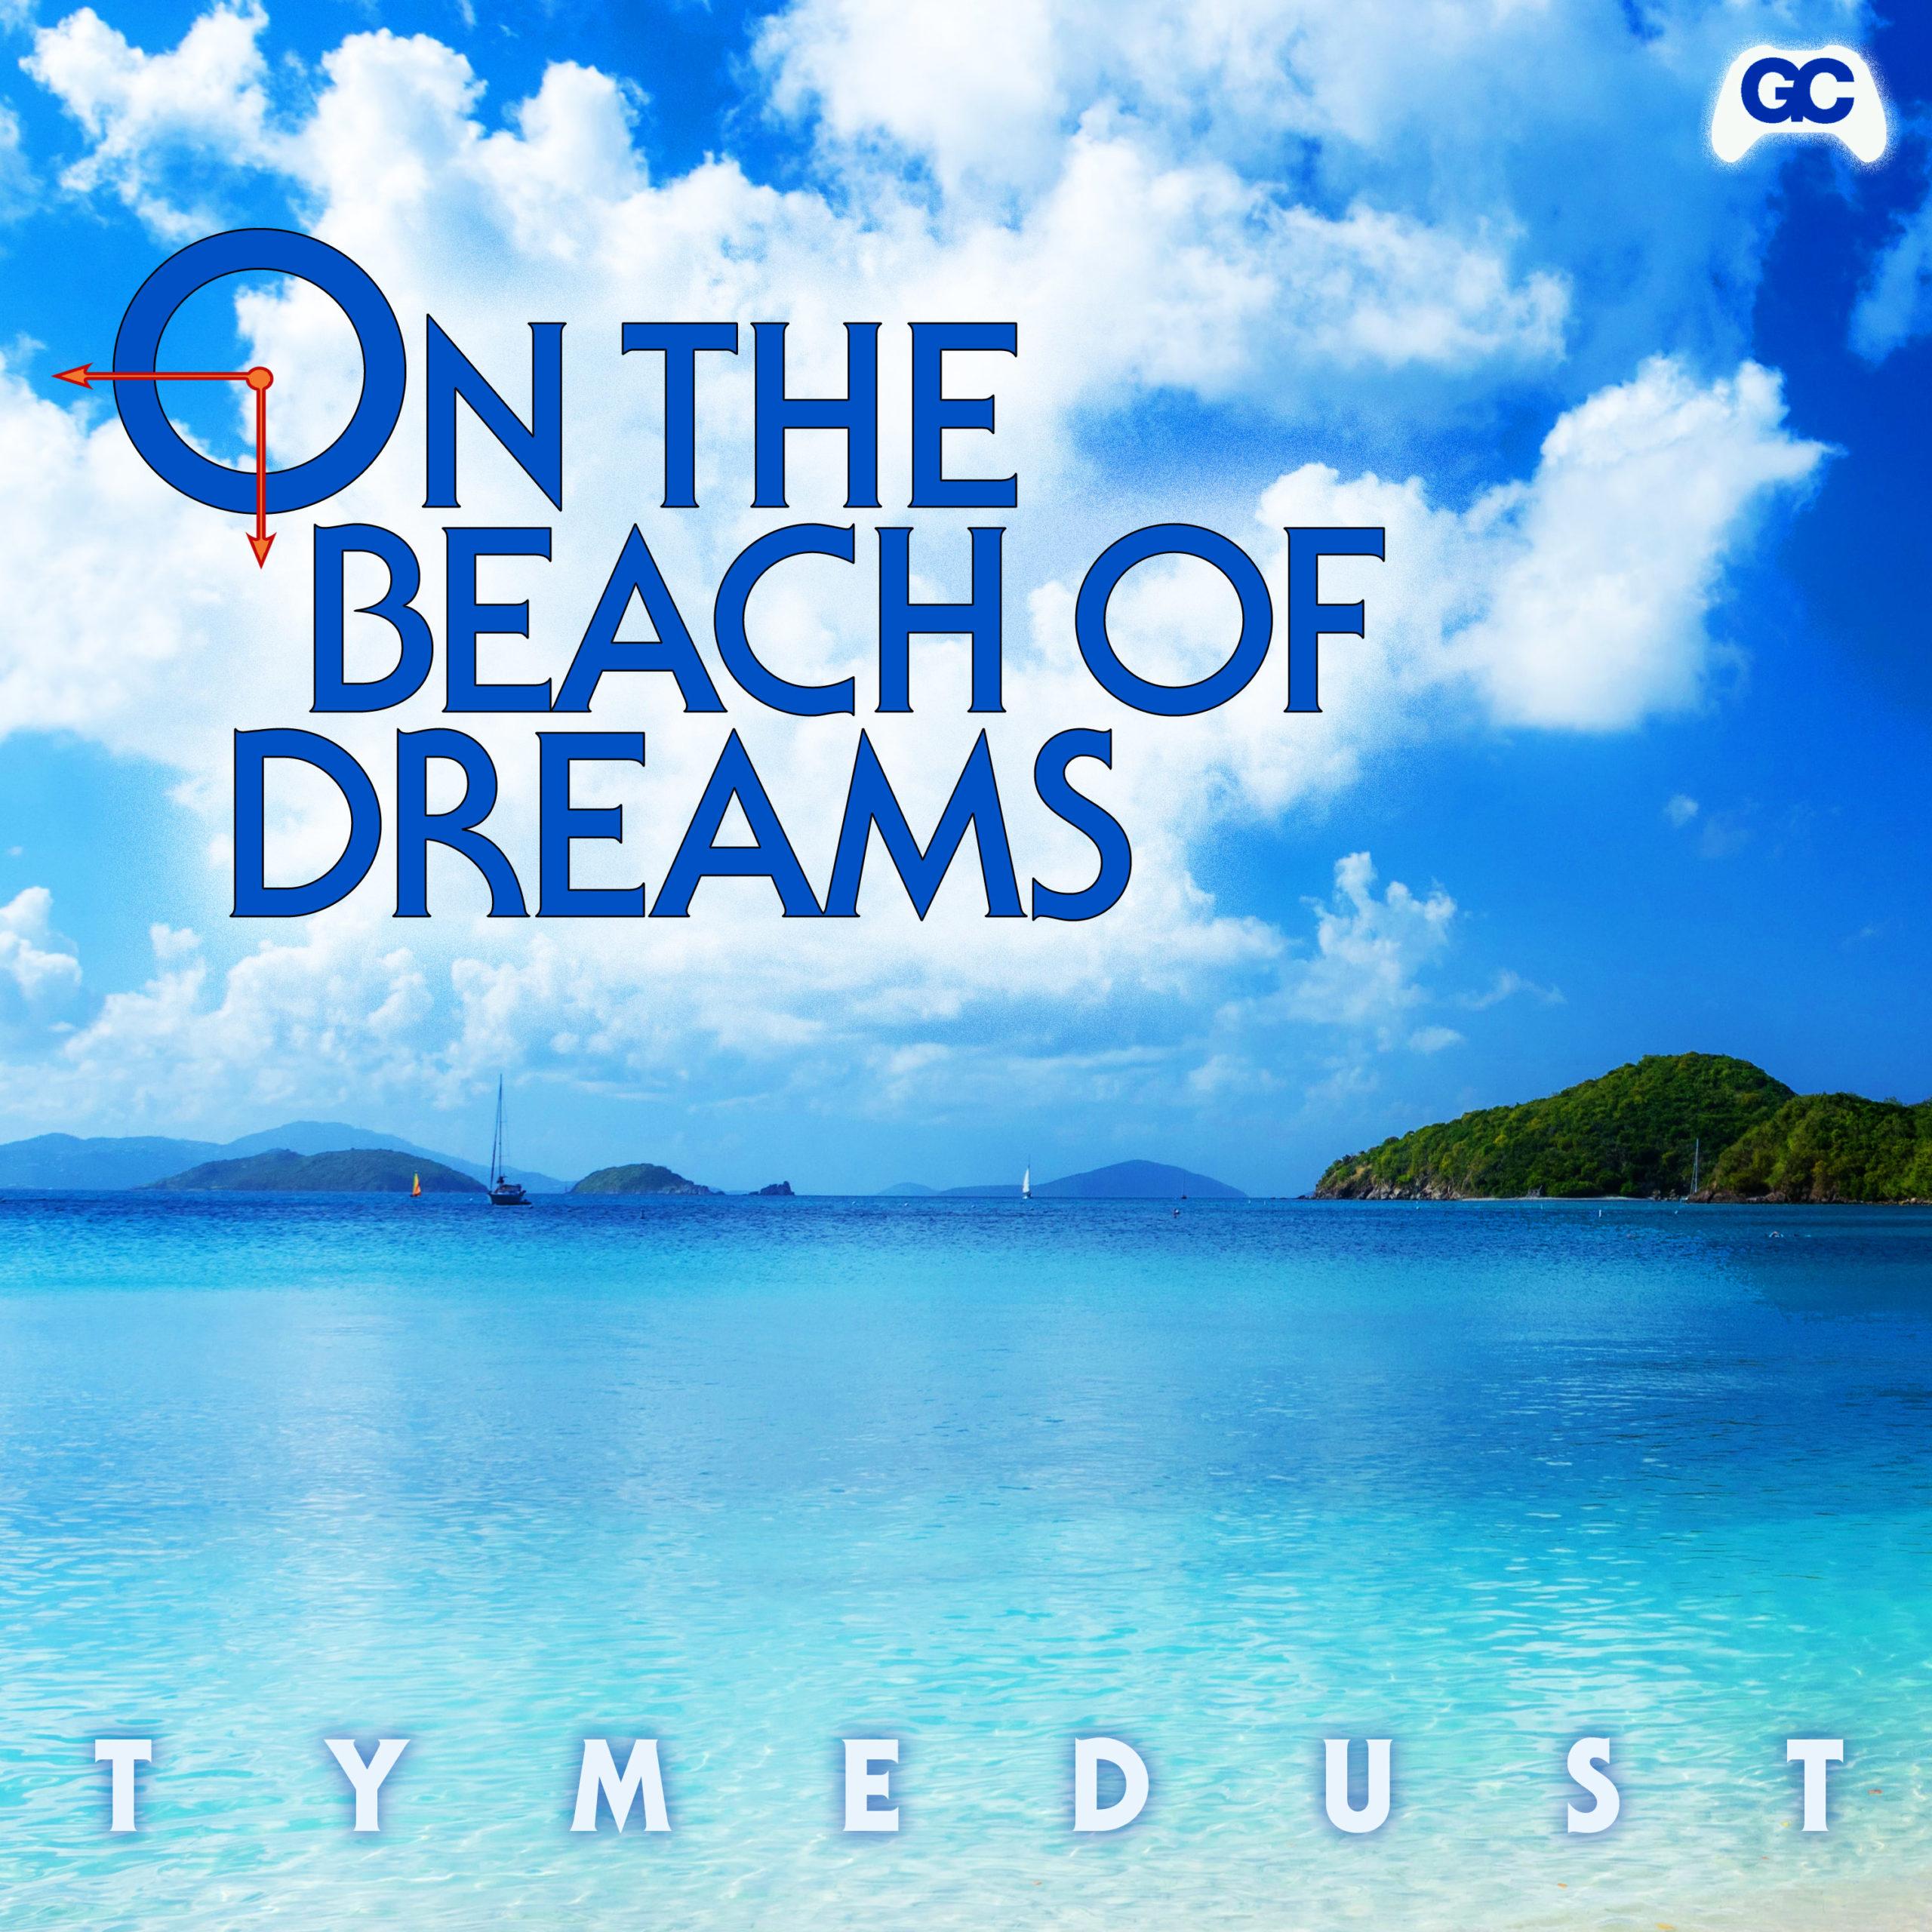 Tymedust – On The Beach of Dreams